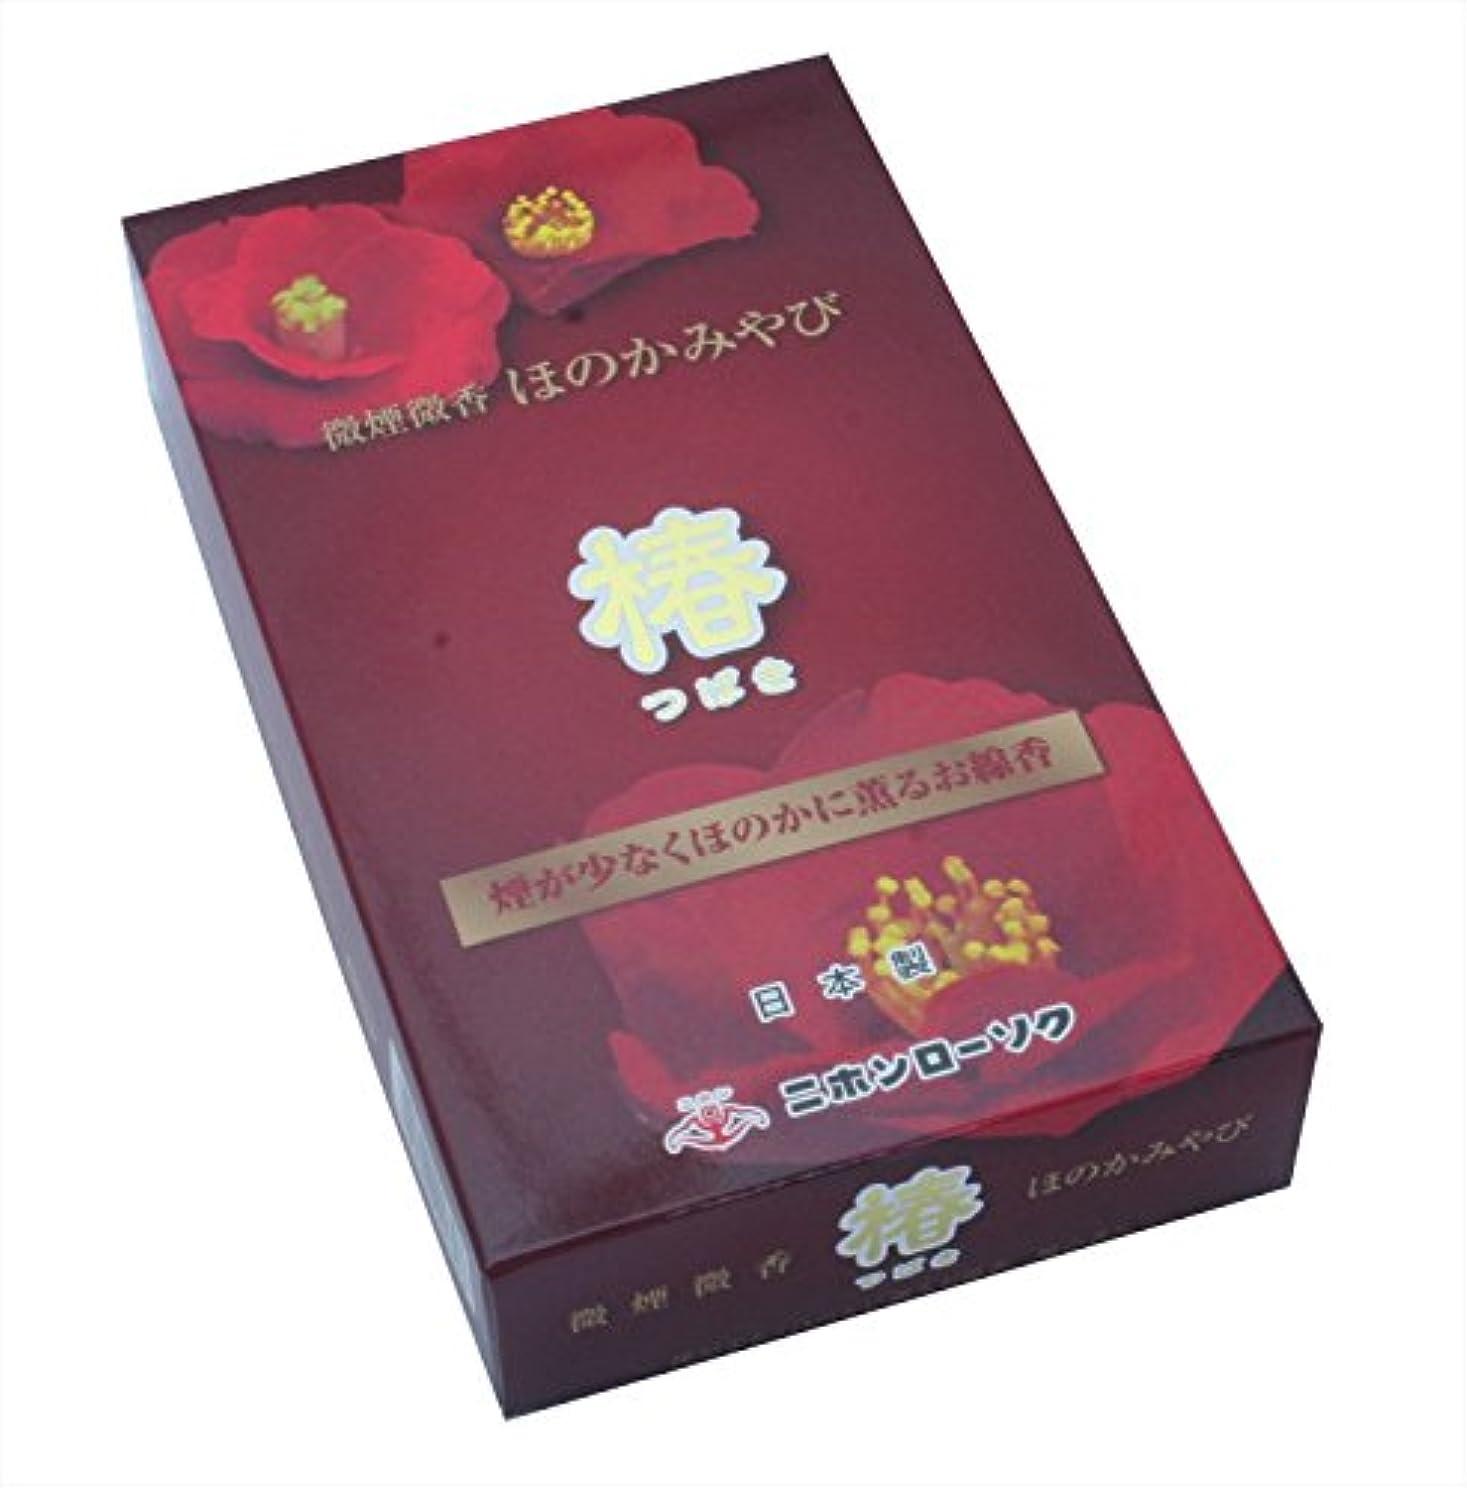 しゃがむうぬぼれたスローガンニホンローソク 椿シリーズ 微煙微香 ほのかみやび 椿TSUBAKI